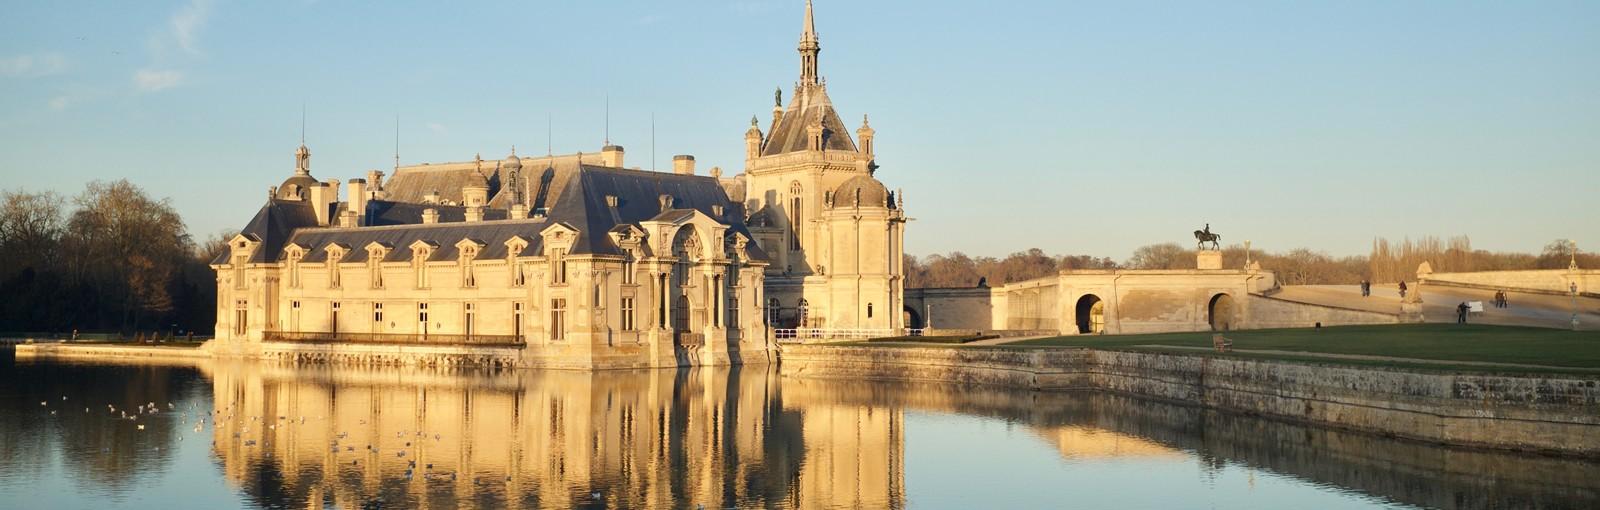 Tours Chantilly - Medio-días - Excursiones desde París